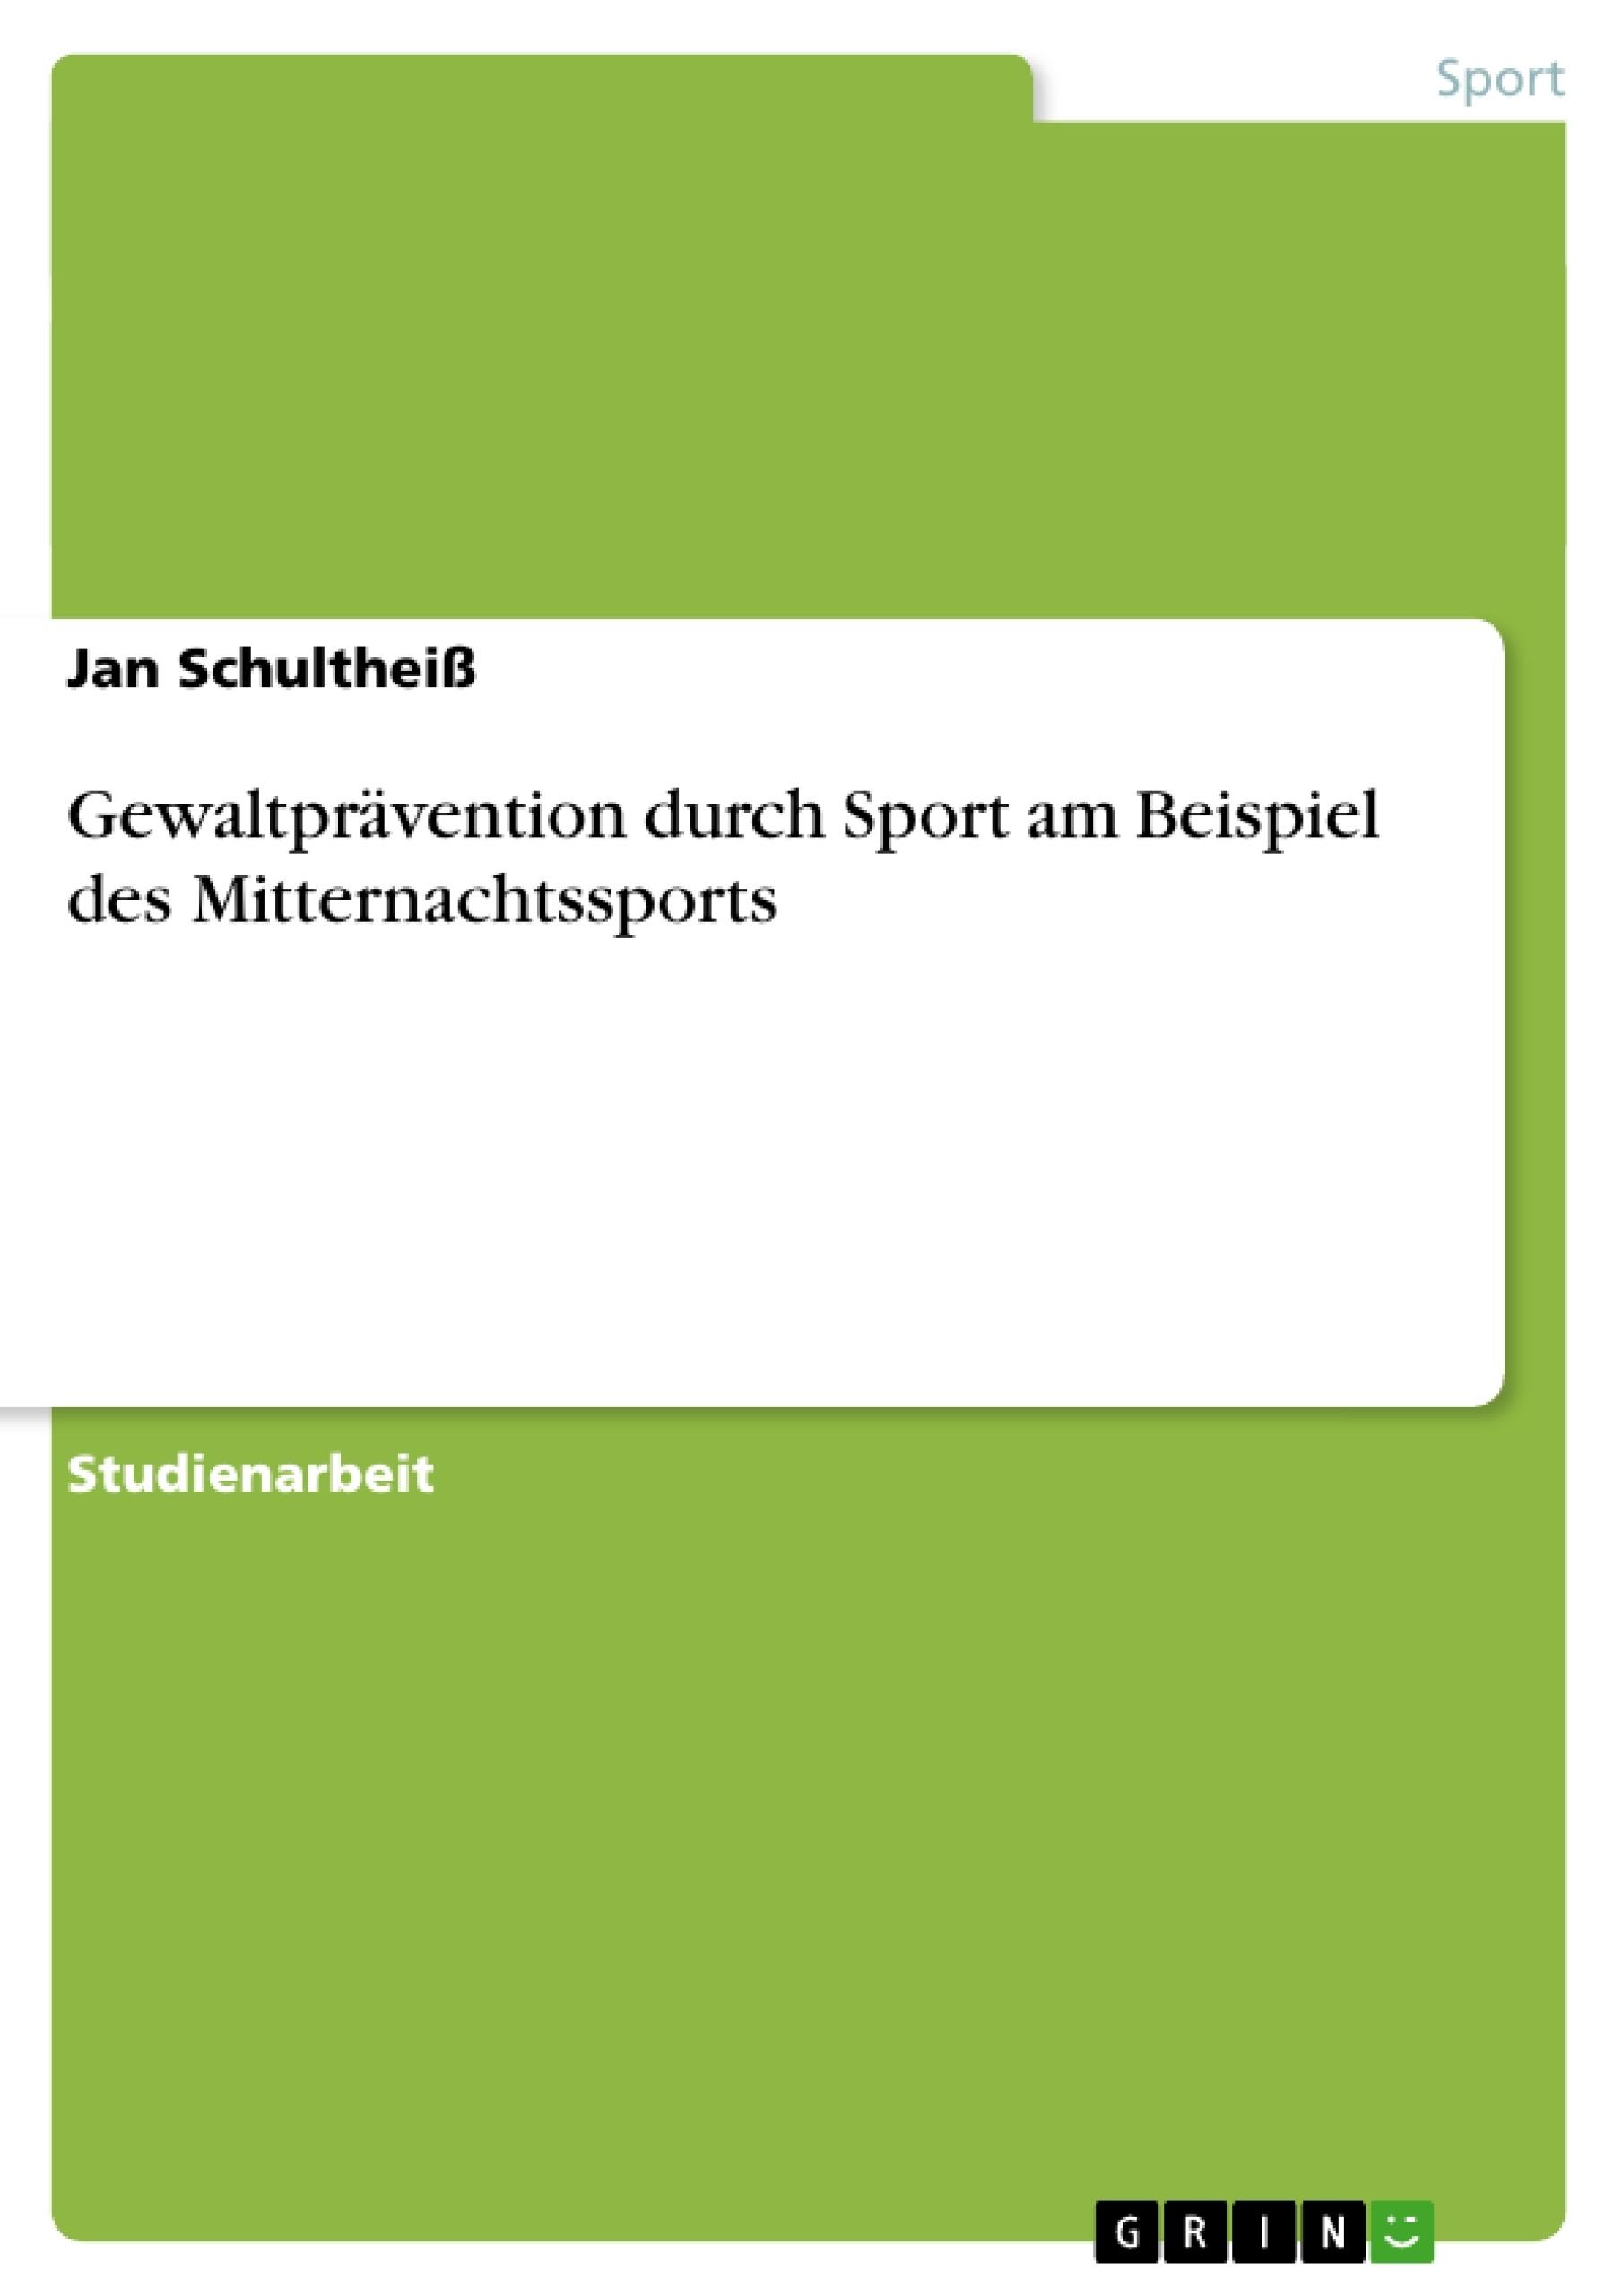 Titel: Gewaltprävention durch Sport am Beispiel des Mitternachtssports